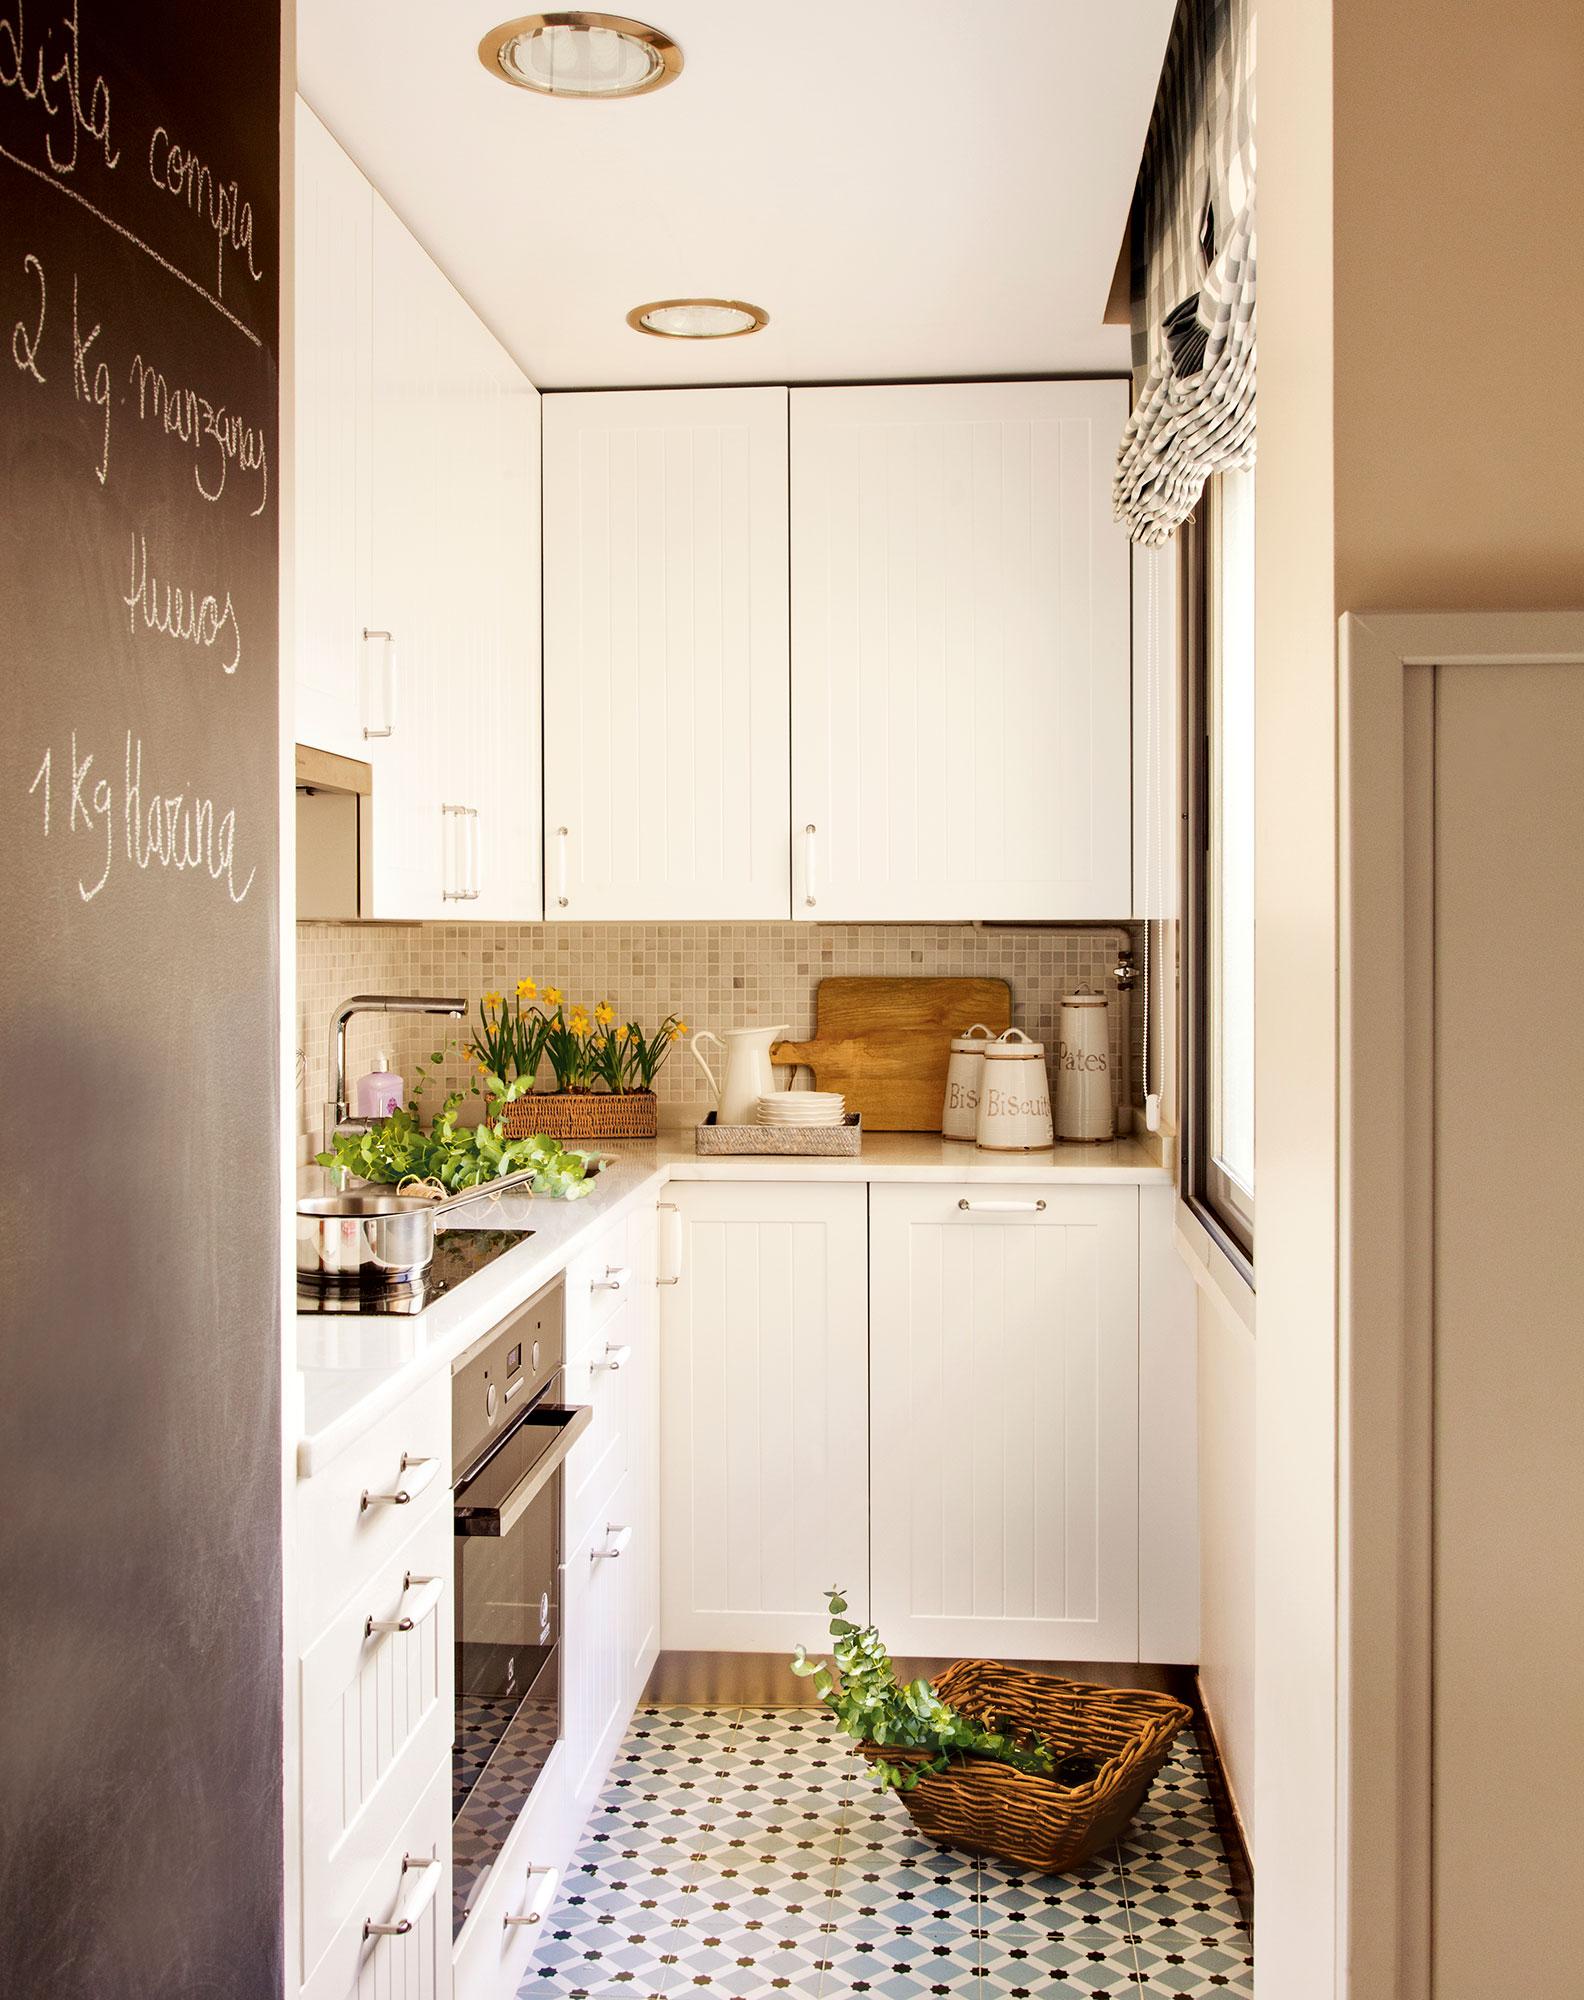 Ideas para aprovechar el espacio en las cocinas peque as for Ideas para muebles de cocina